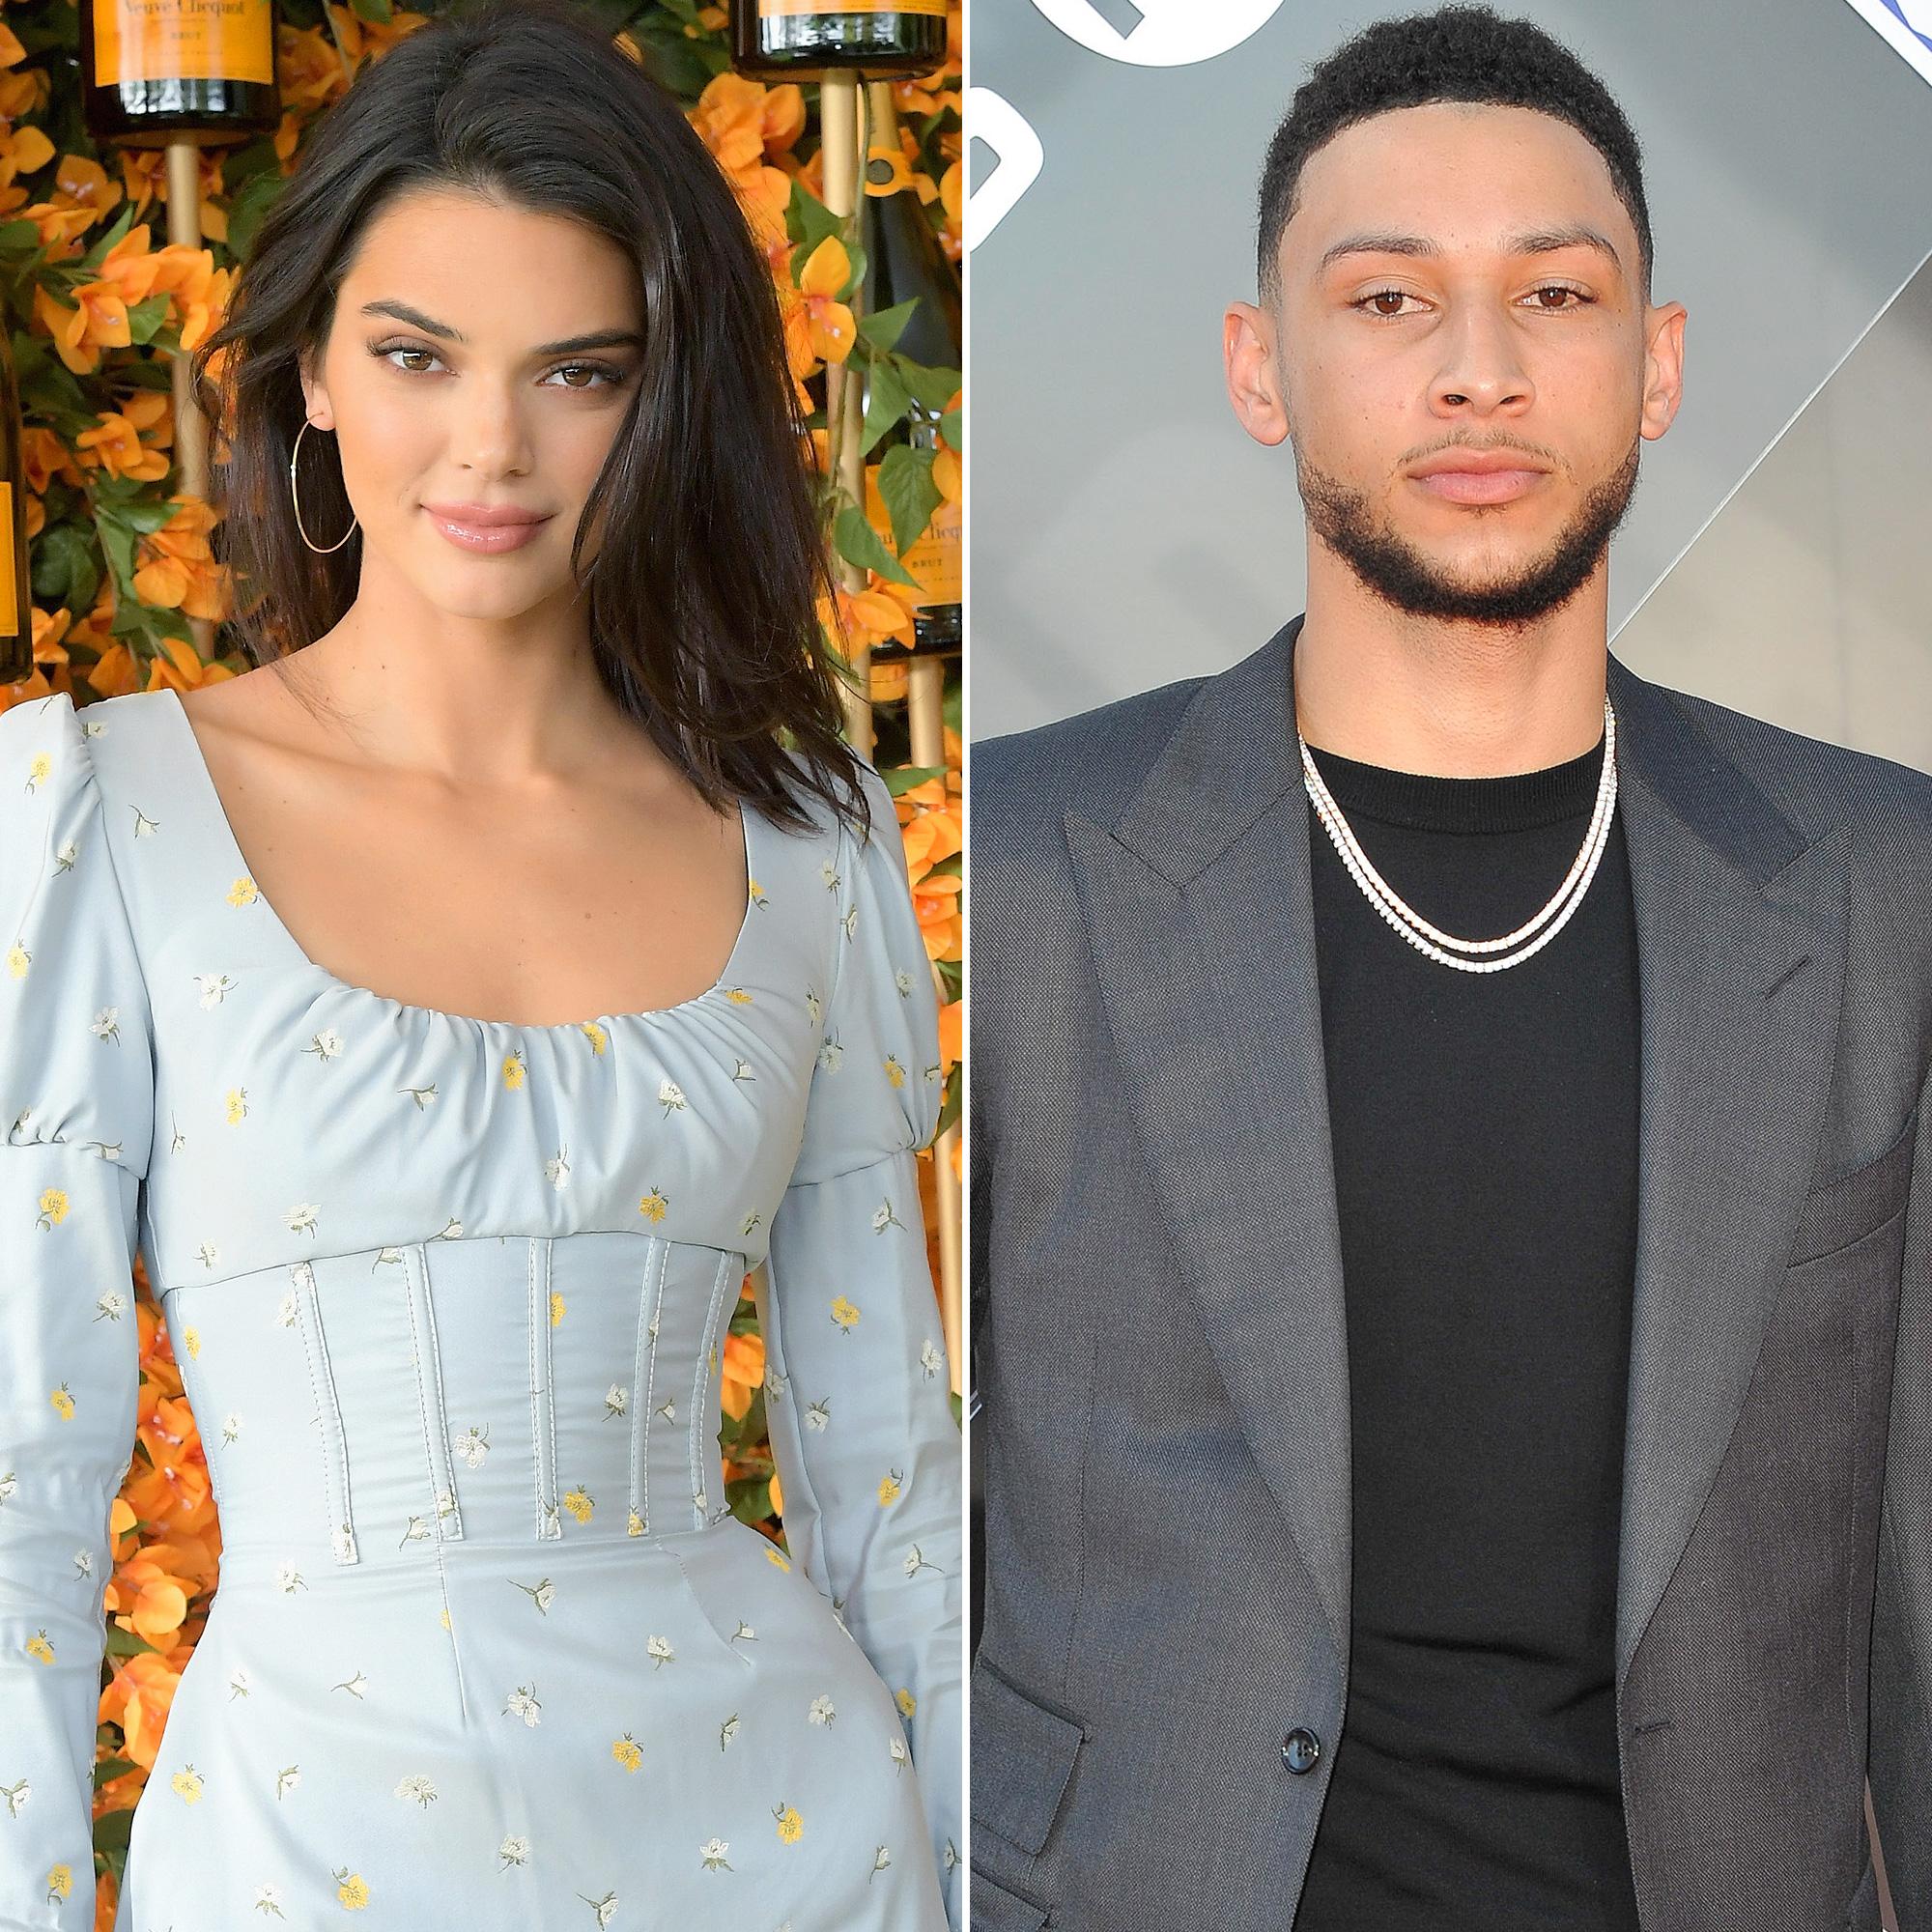 Kendall Jenner tiếp tục xuất hiện cùng sao bóng rổ sau chuyến nghỉ mát giữa mùa dịch: Fan tự hỏi liệu có hợp đồng riêng giữa siêu mẫu 9x cùng NBA? - ảnh 6